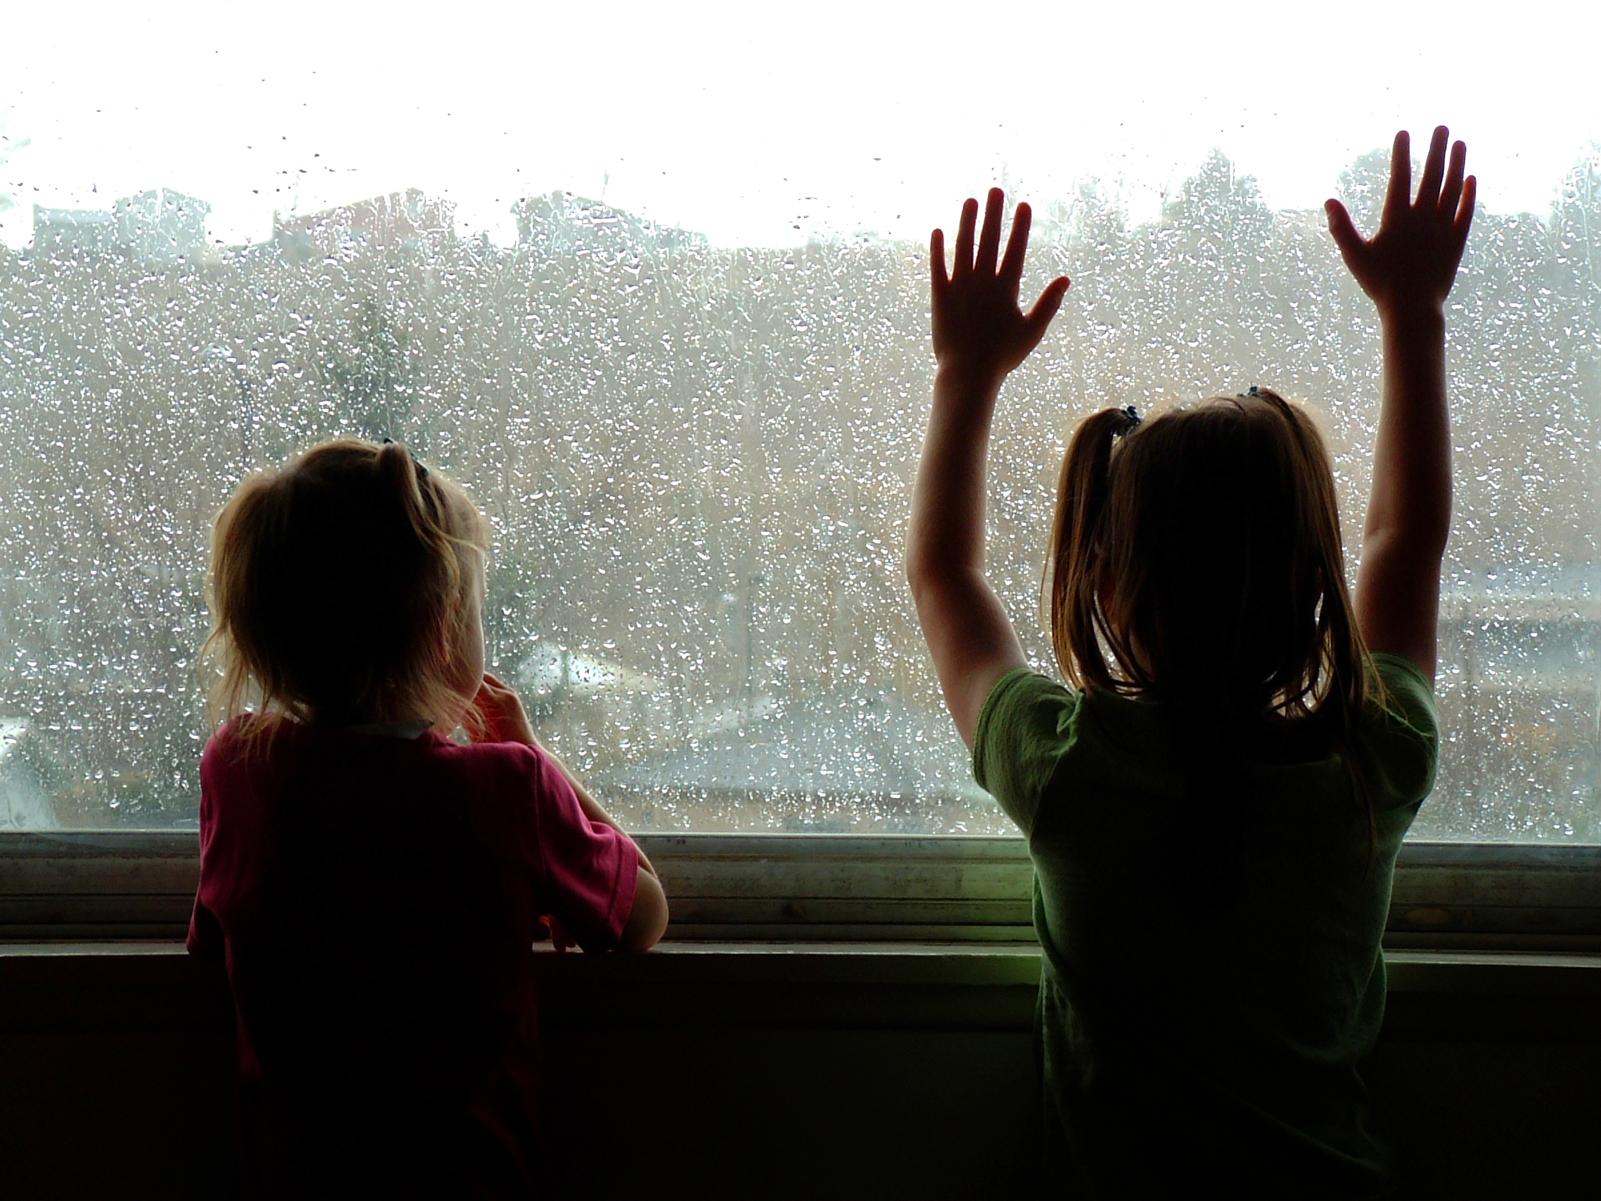 la pioggia fa prigionieri